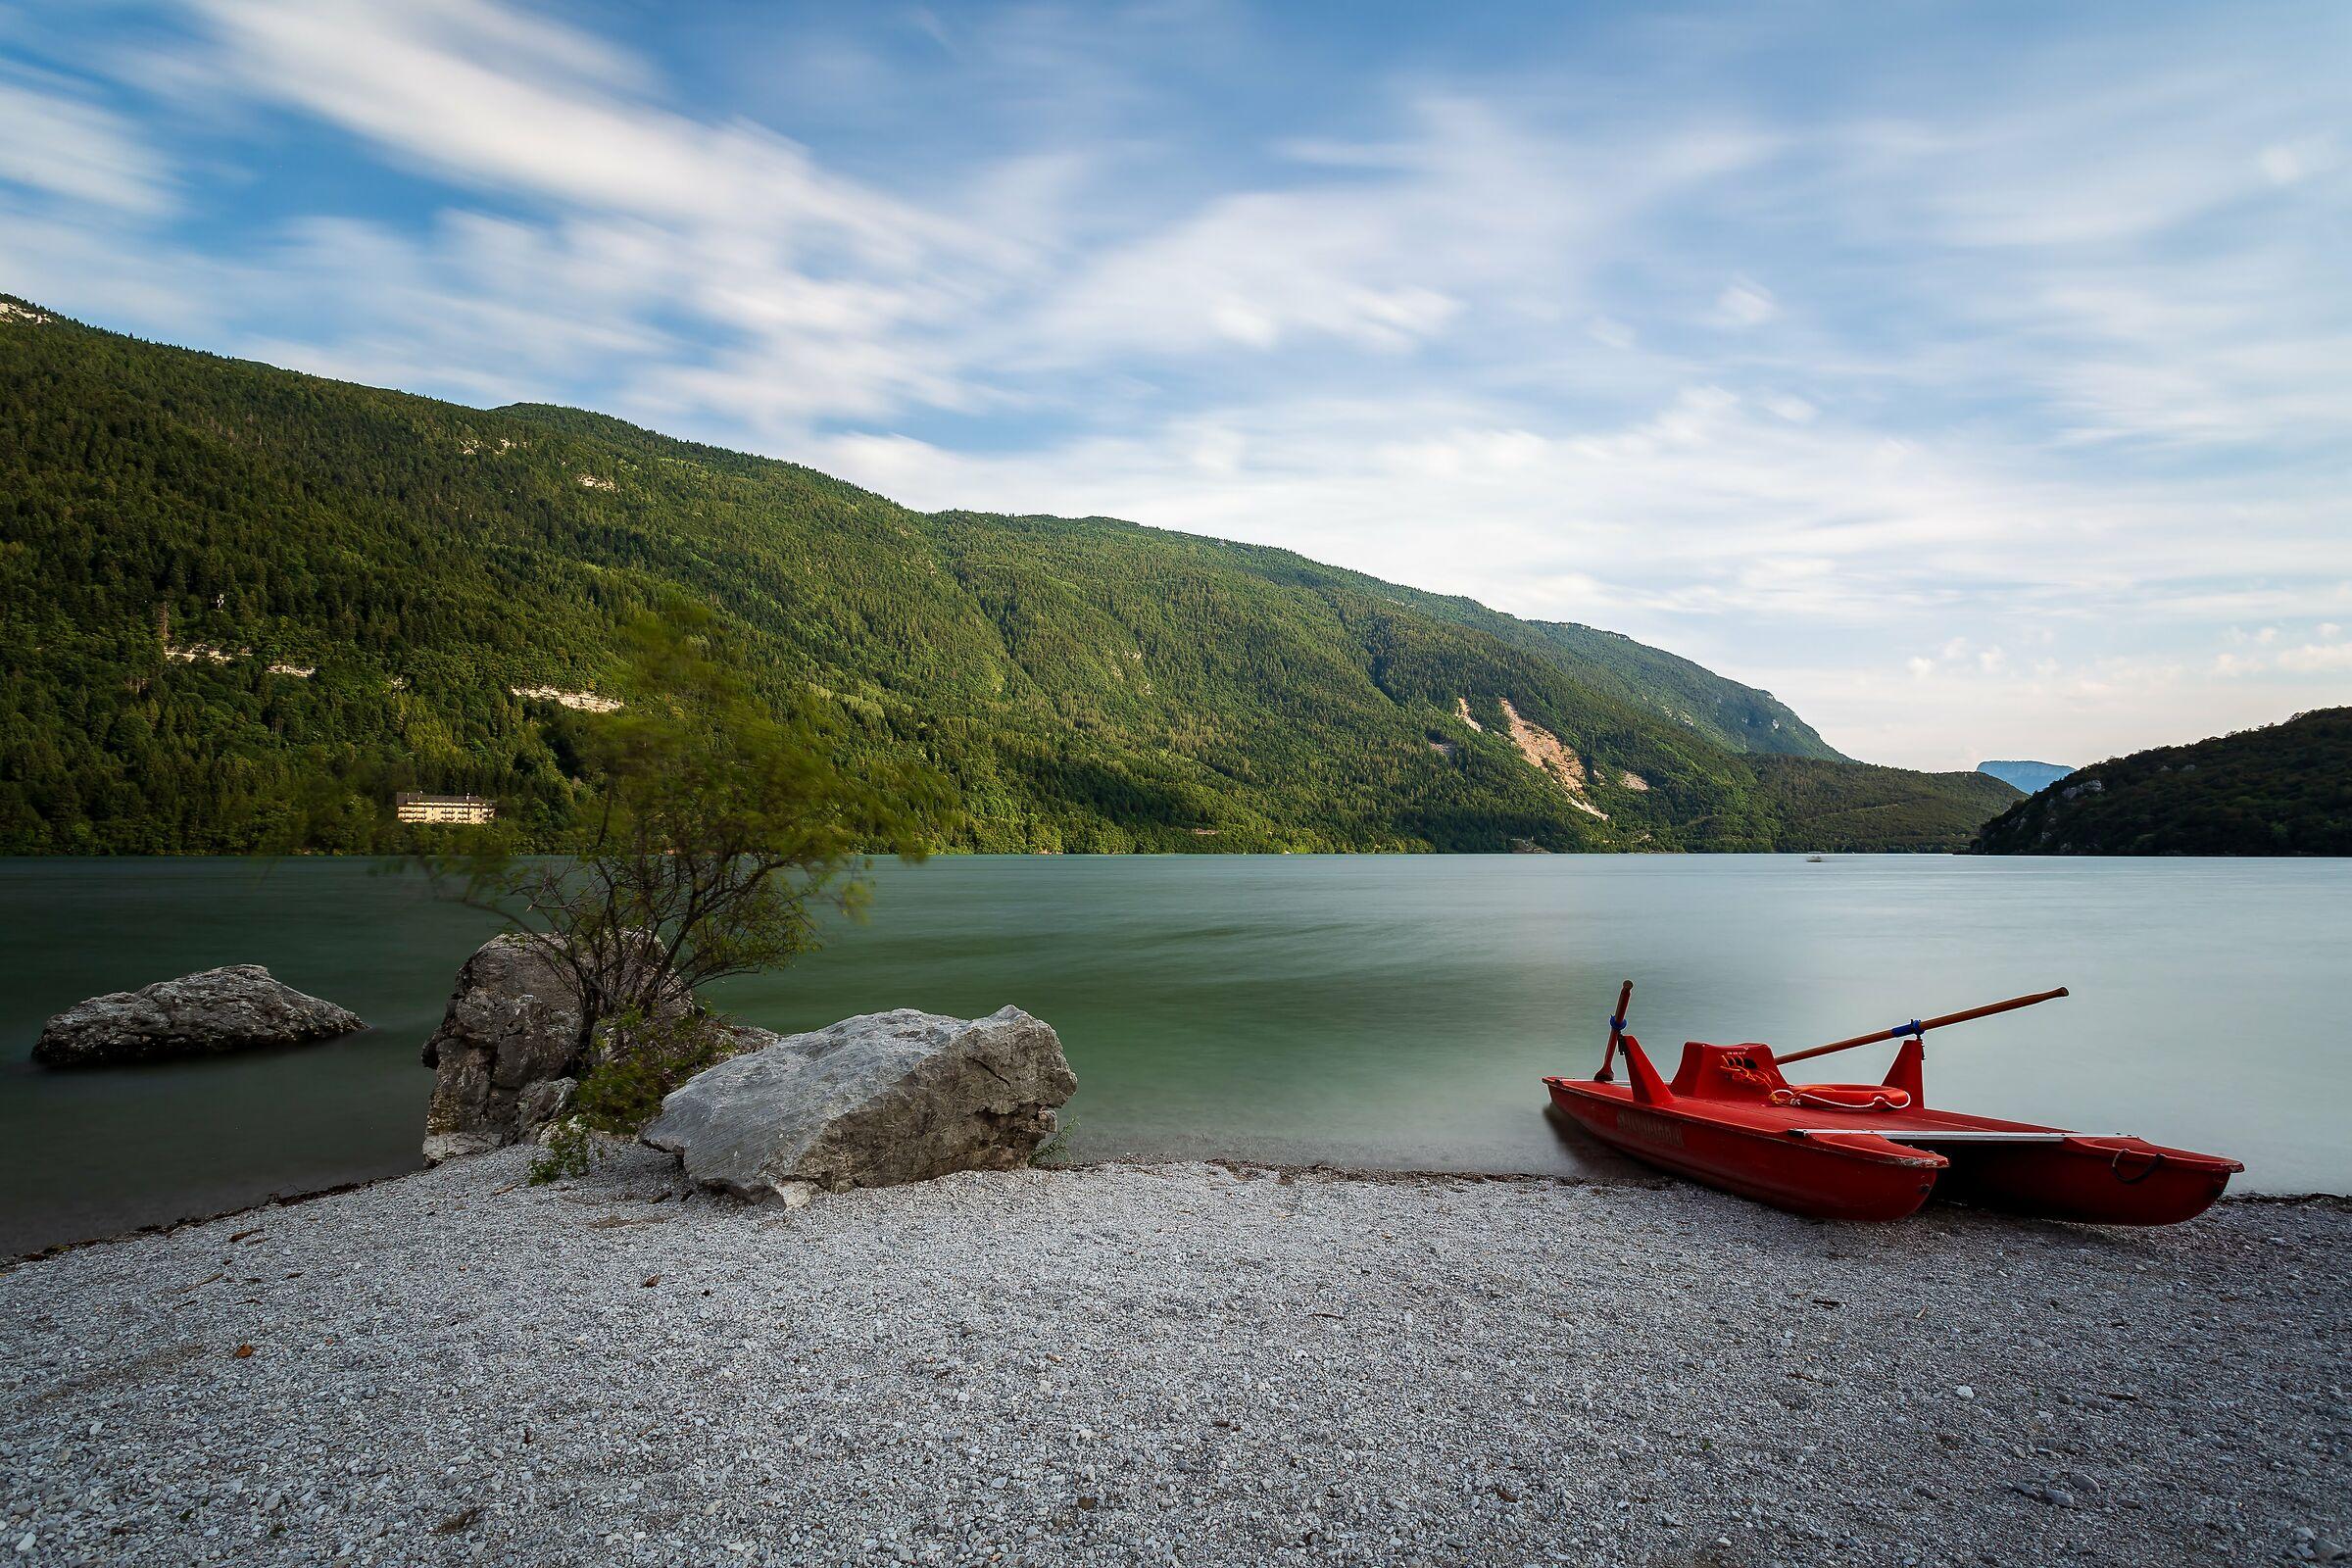 At Lake Molveno...